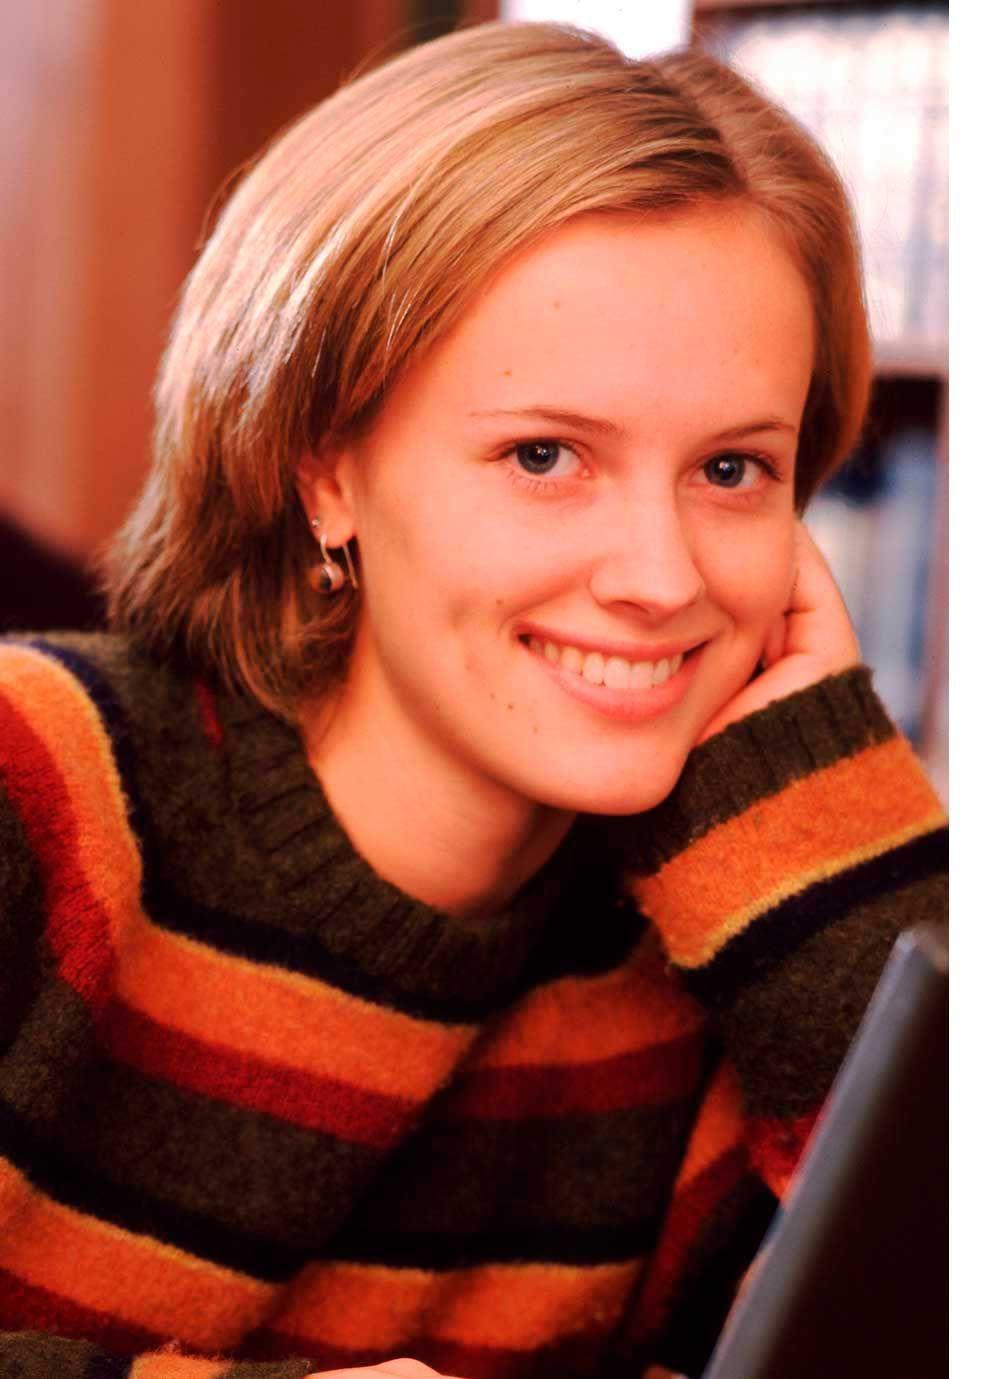 Знакомство за границей с девушками | Украина, Россия